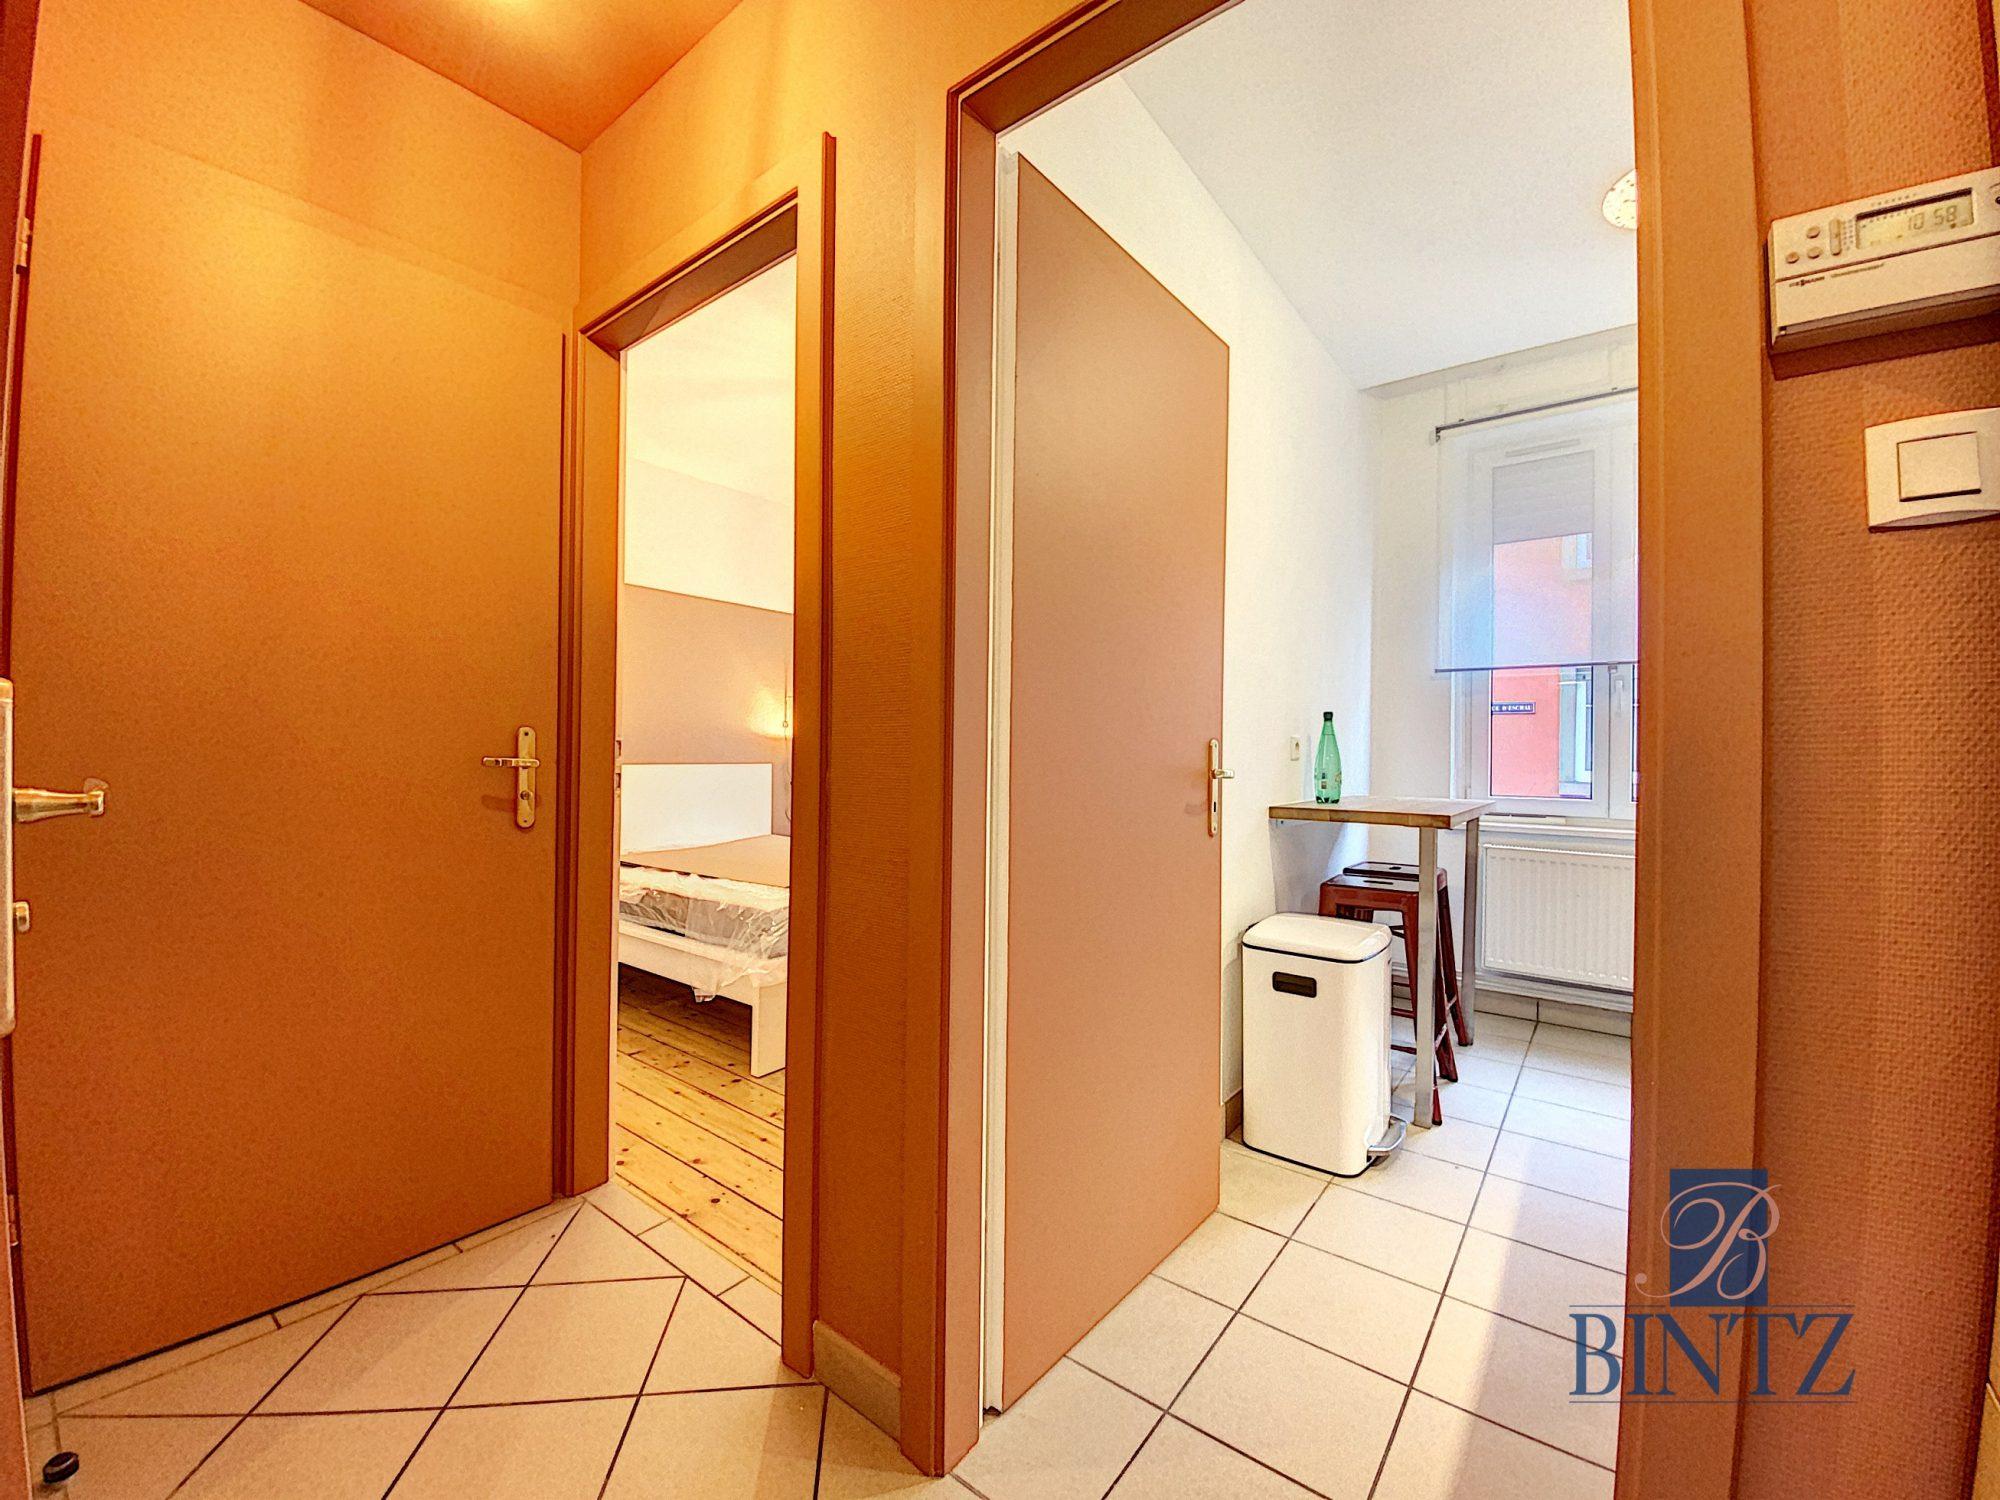 2P MEUBLÉ NEUDORF - Devenez locataire en toute sérénité - Bintz Immobilier - 11